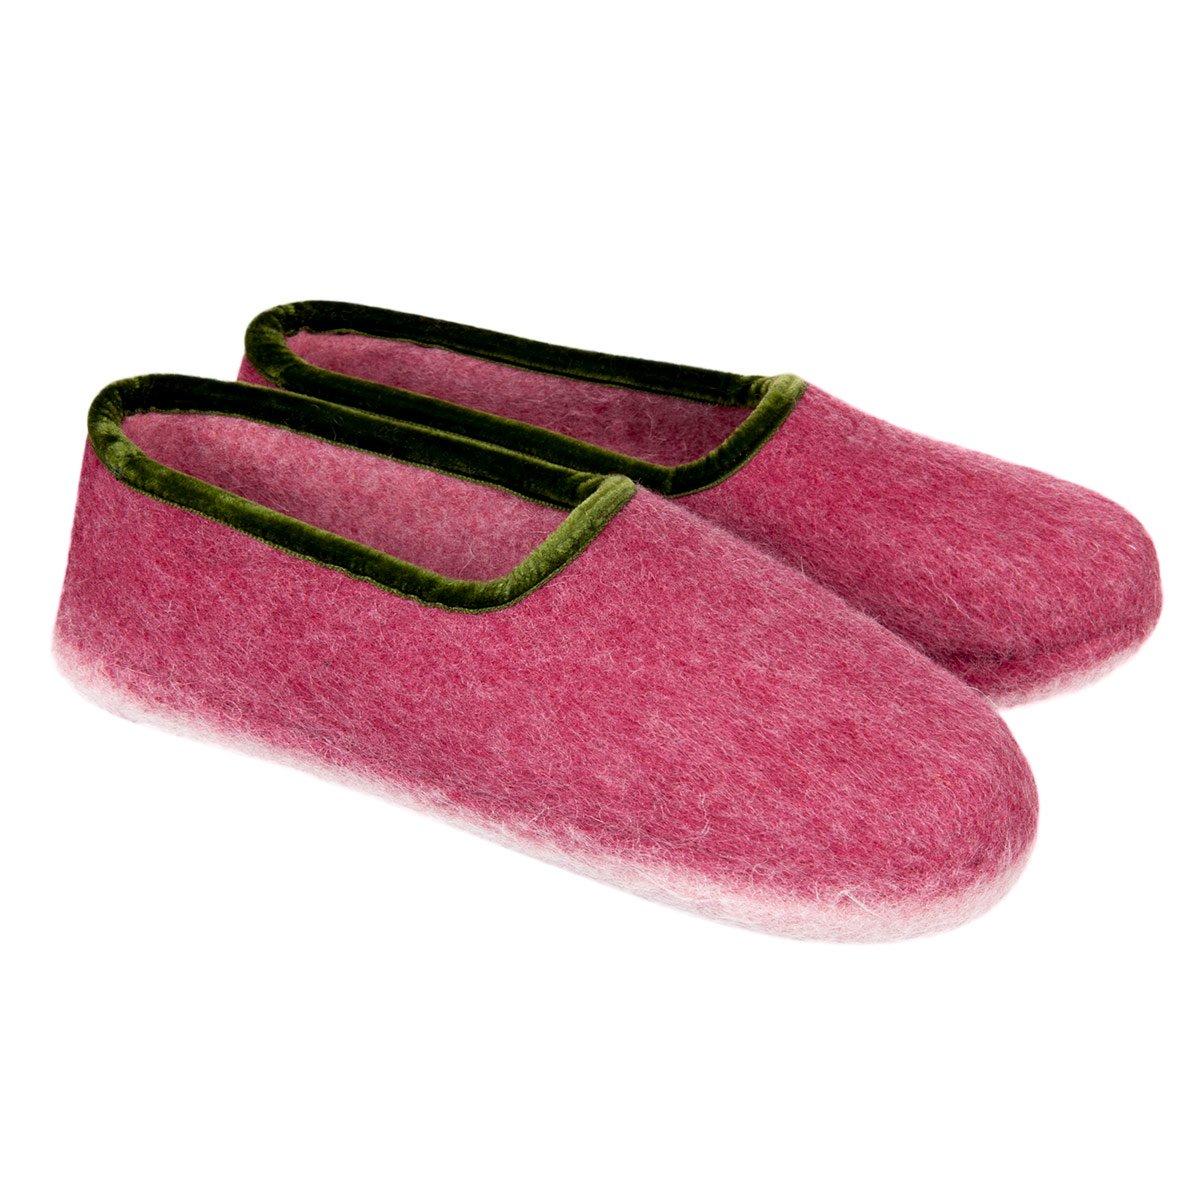 costruzione razionale check-out migliore HAUNOLD | pantofole di puro feltro 100% feltro lana chiuse dietro per donna  colore rosso con verde